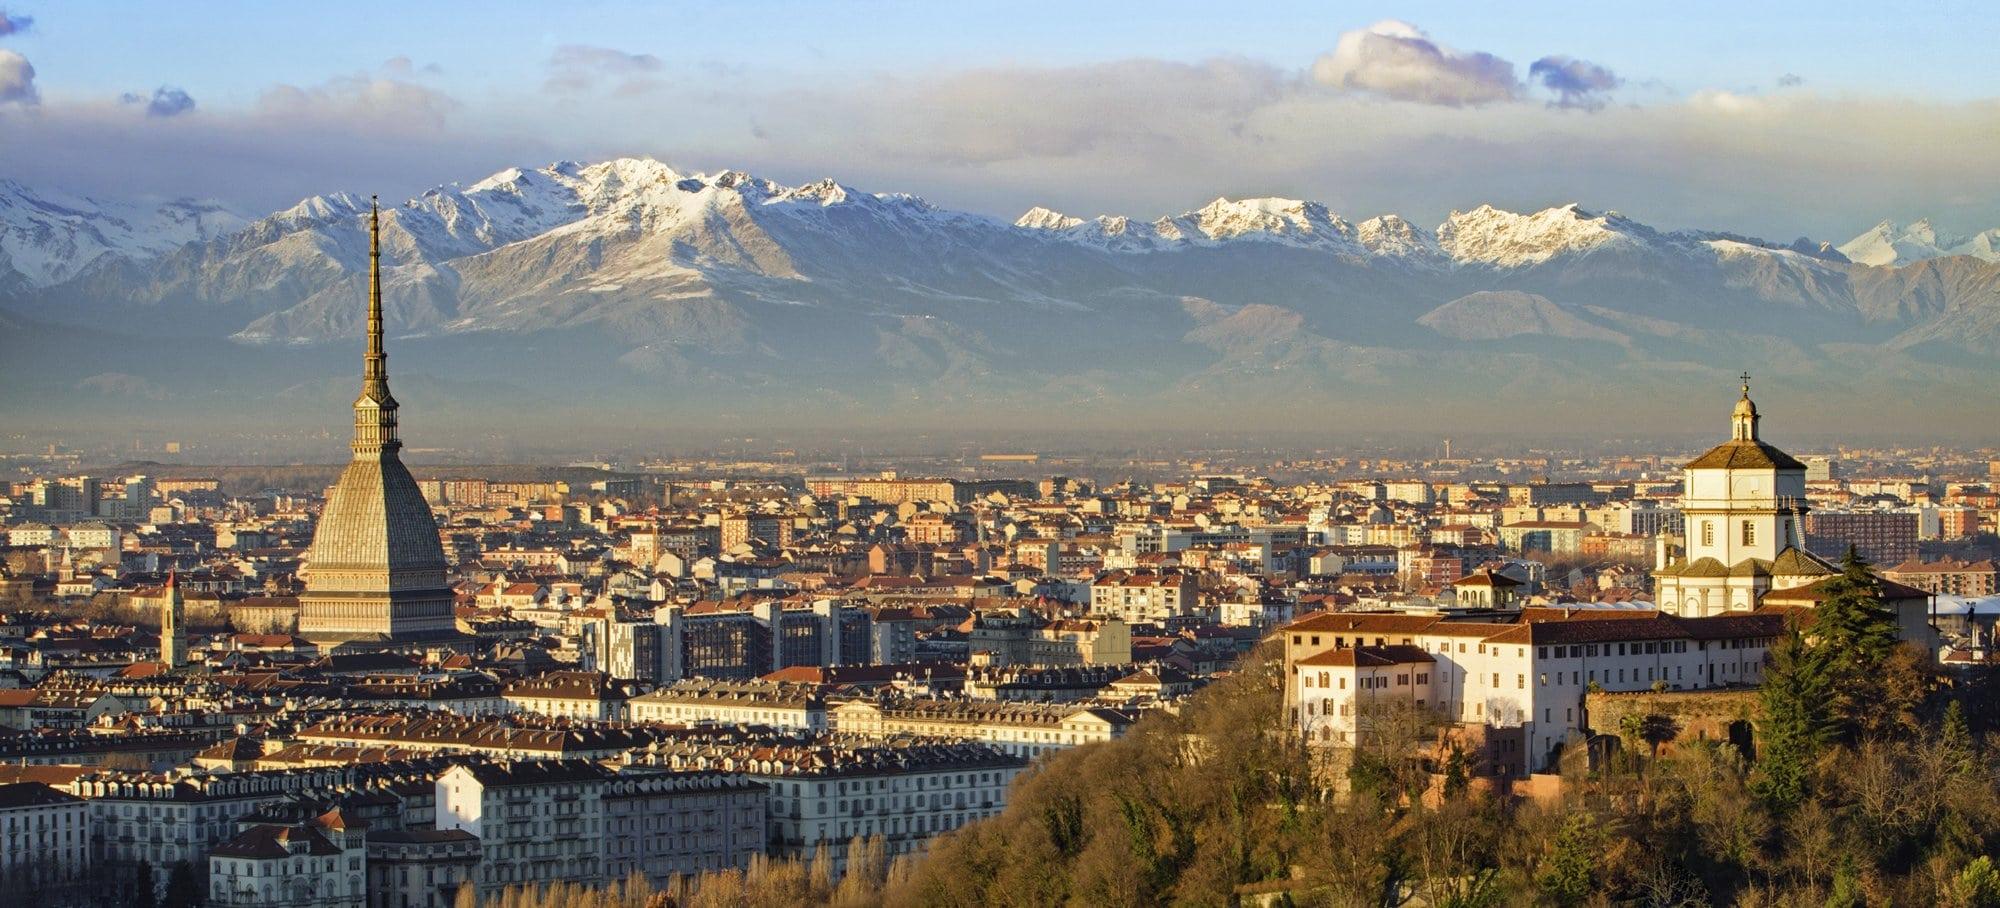 Hotel Panorama Torino